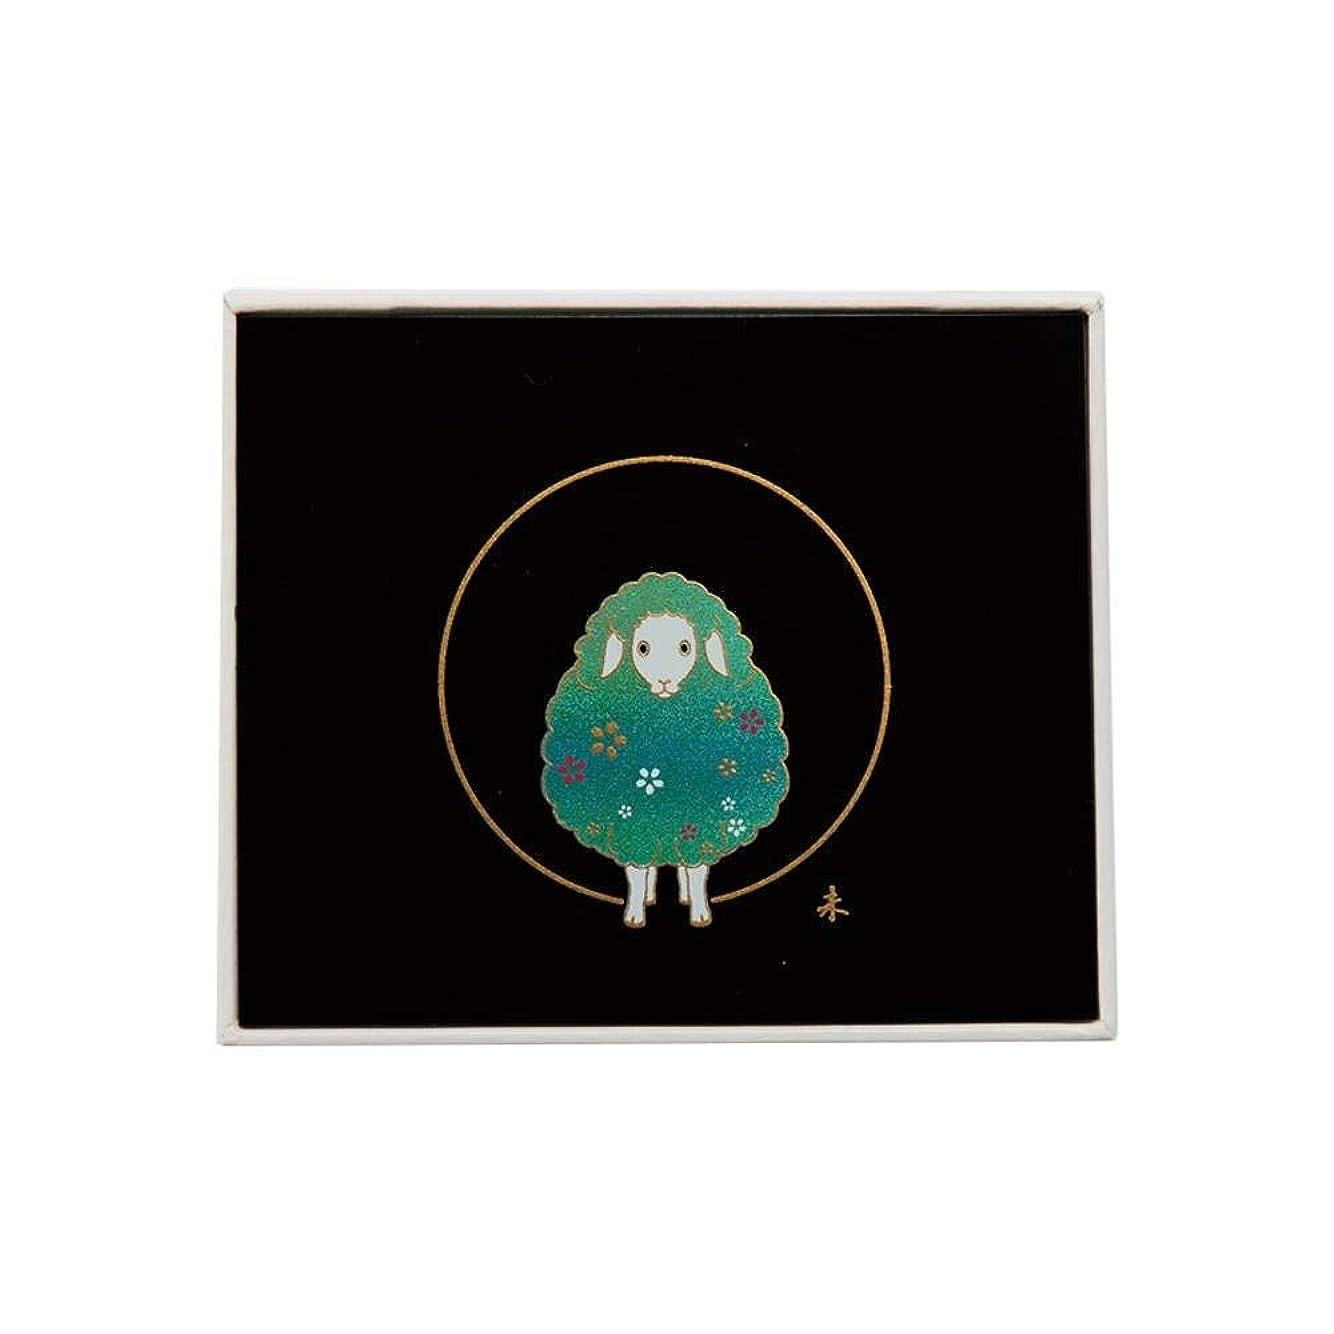 誓うサーカスマンモスTEETH BOX 未(黒 蒔絵) 0001077